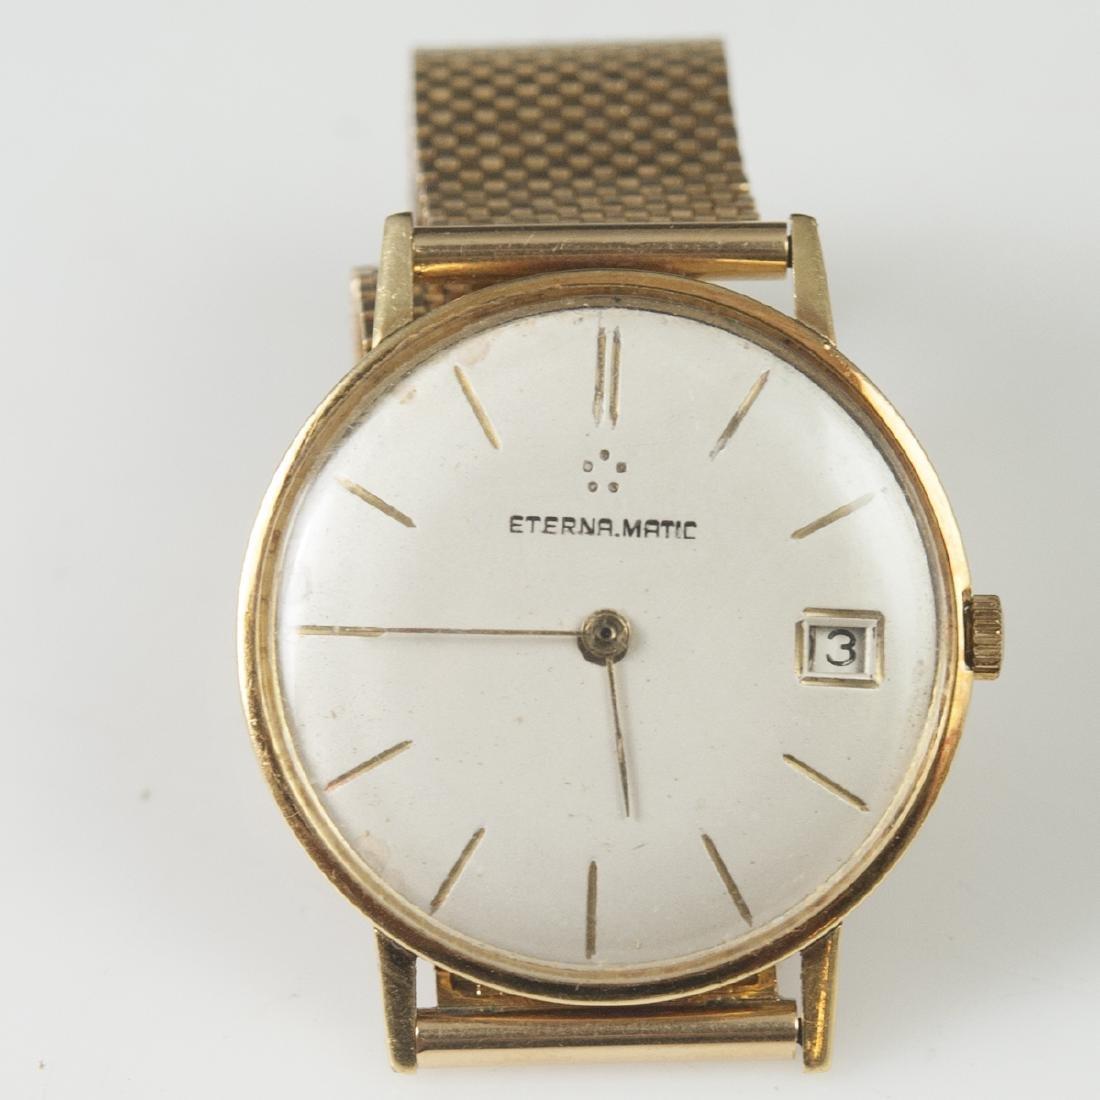 Eterna Matic 18kt Yellow Gold Watch